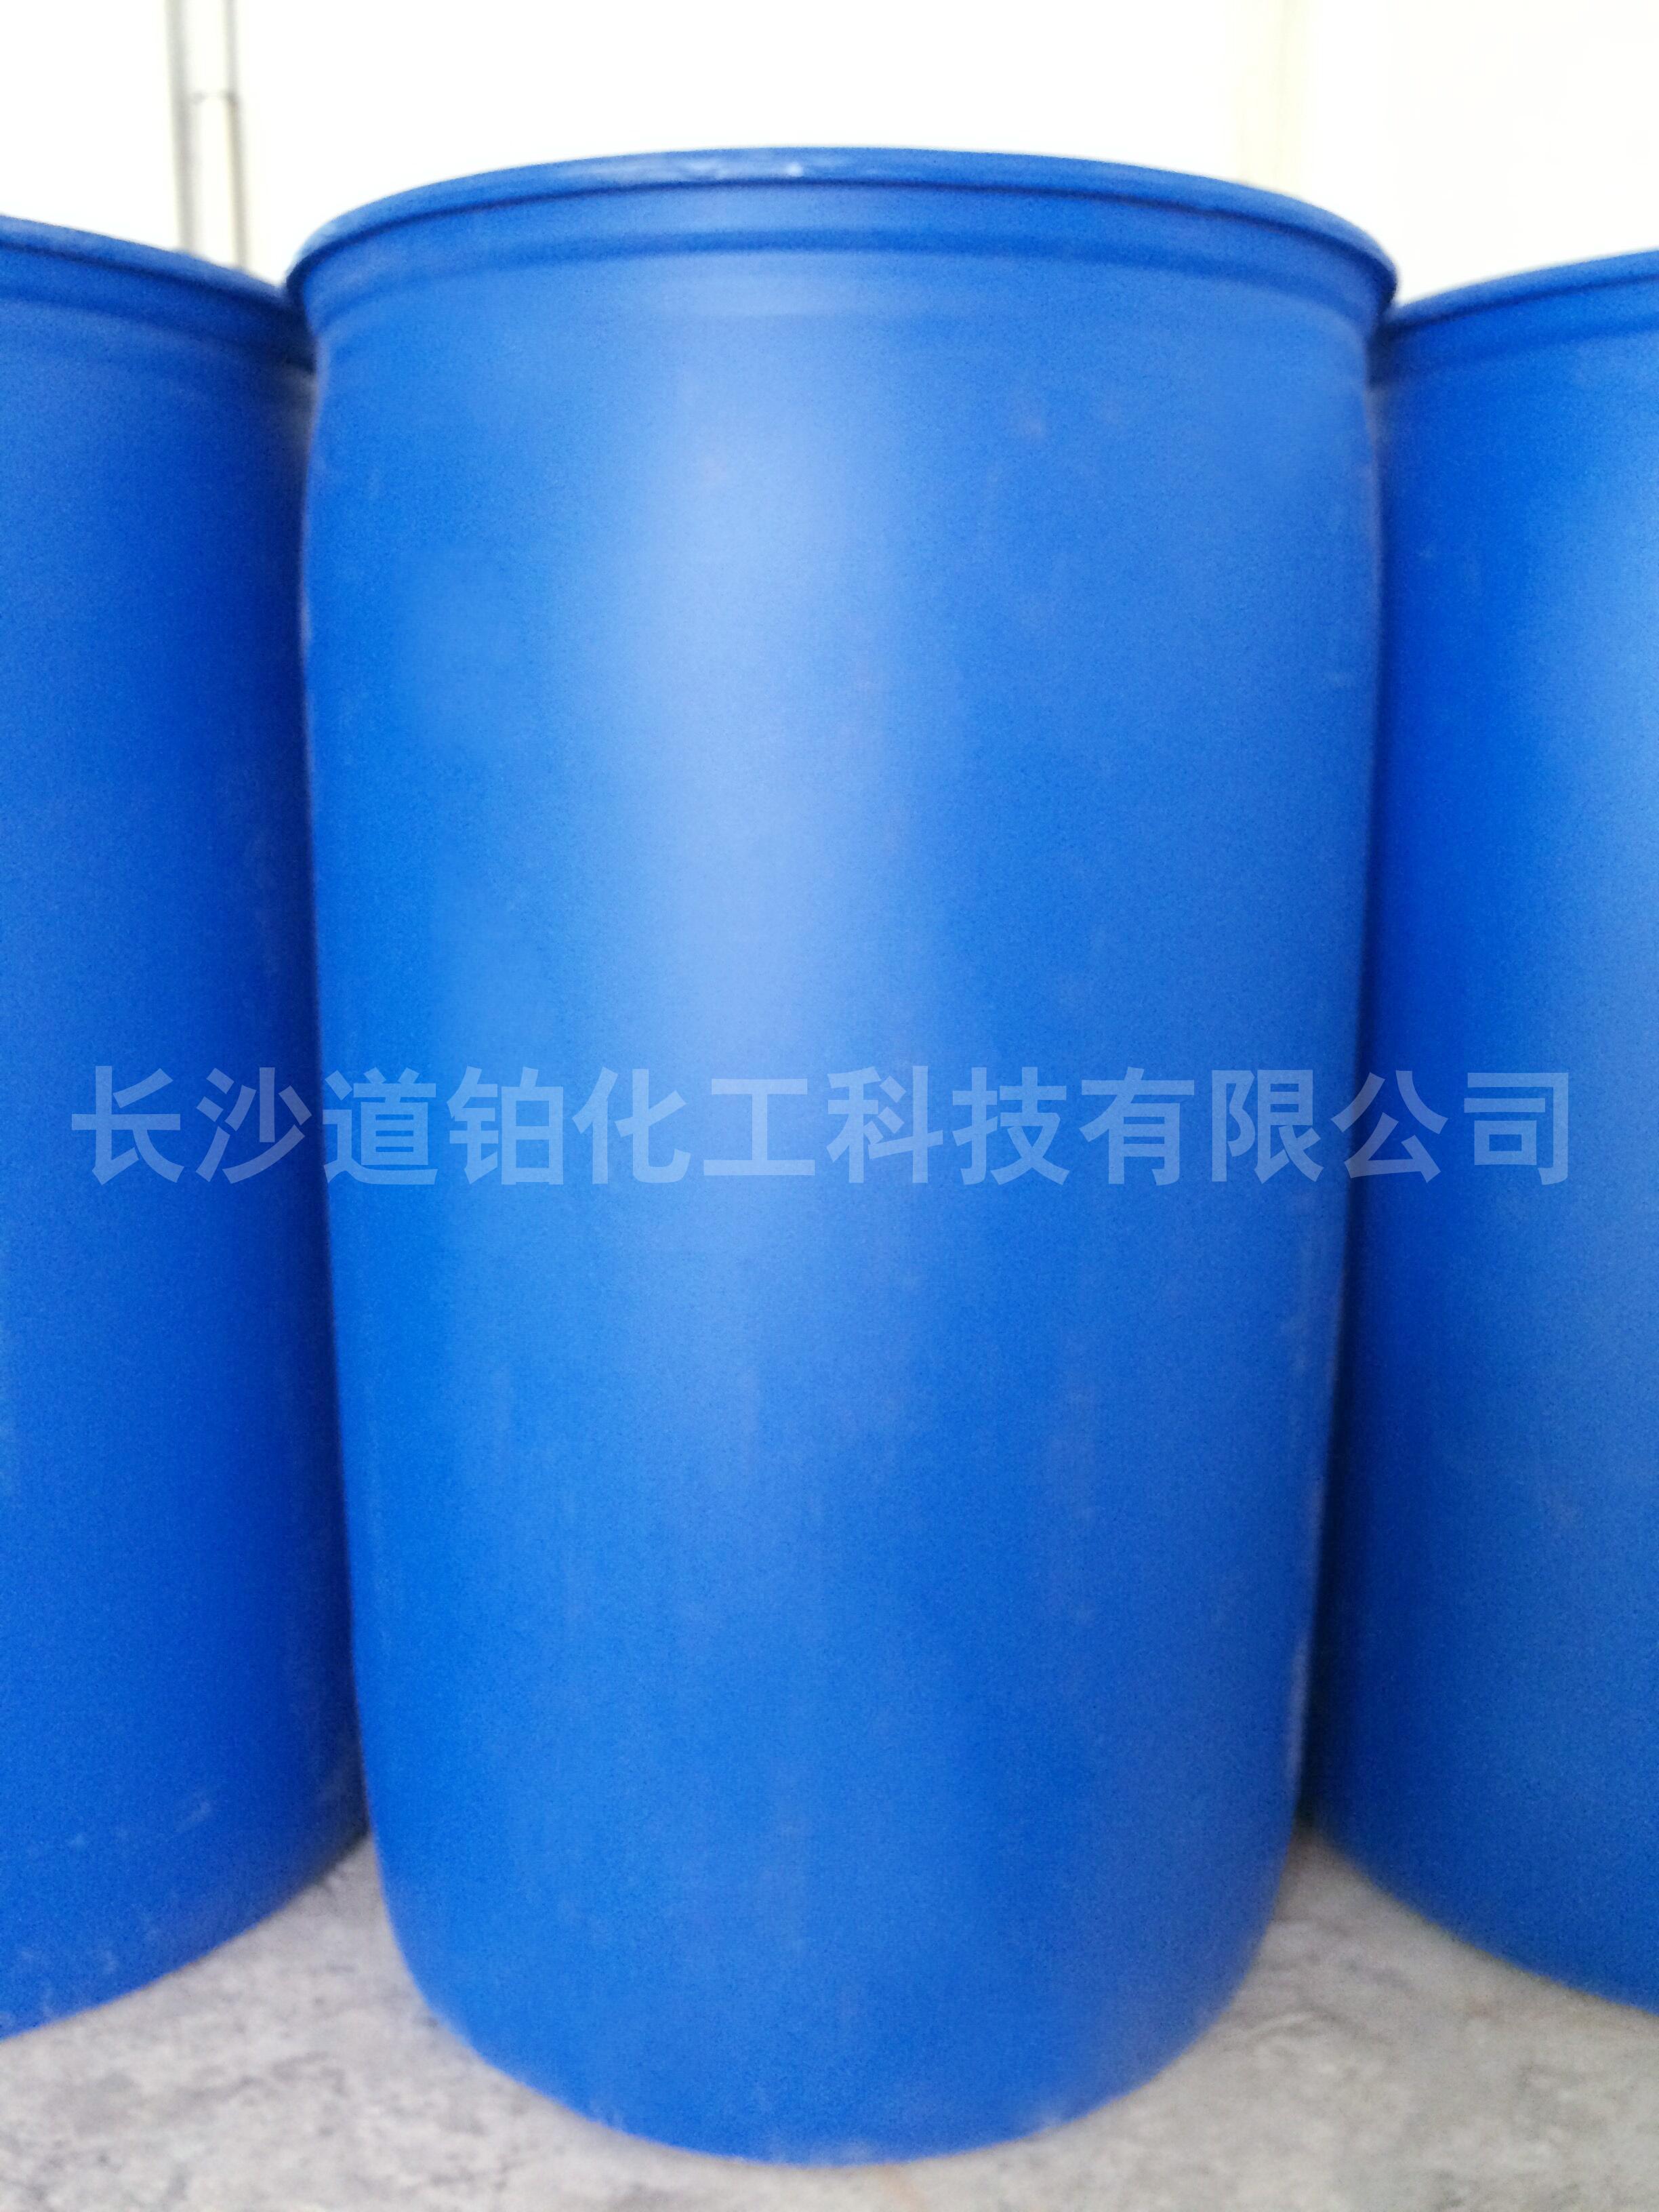 定型整理硬樹脂DP-130、硬挺樹脂